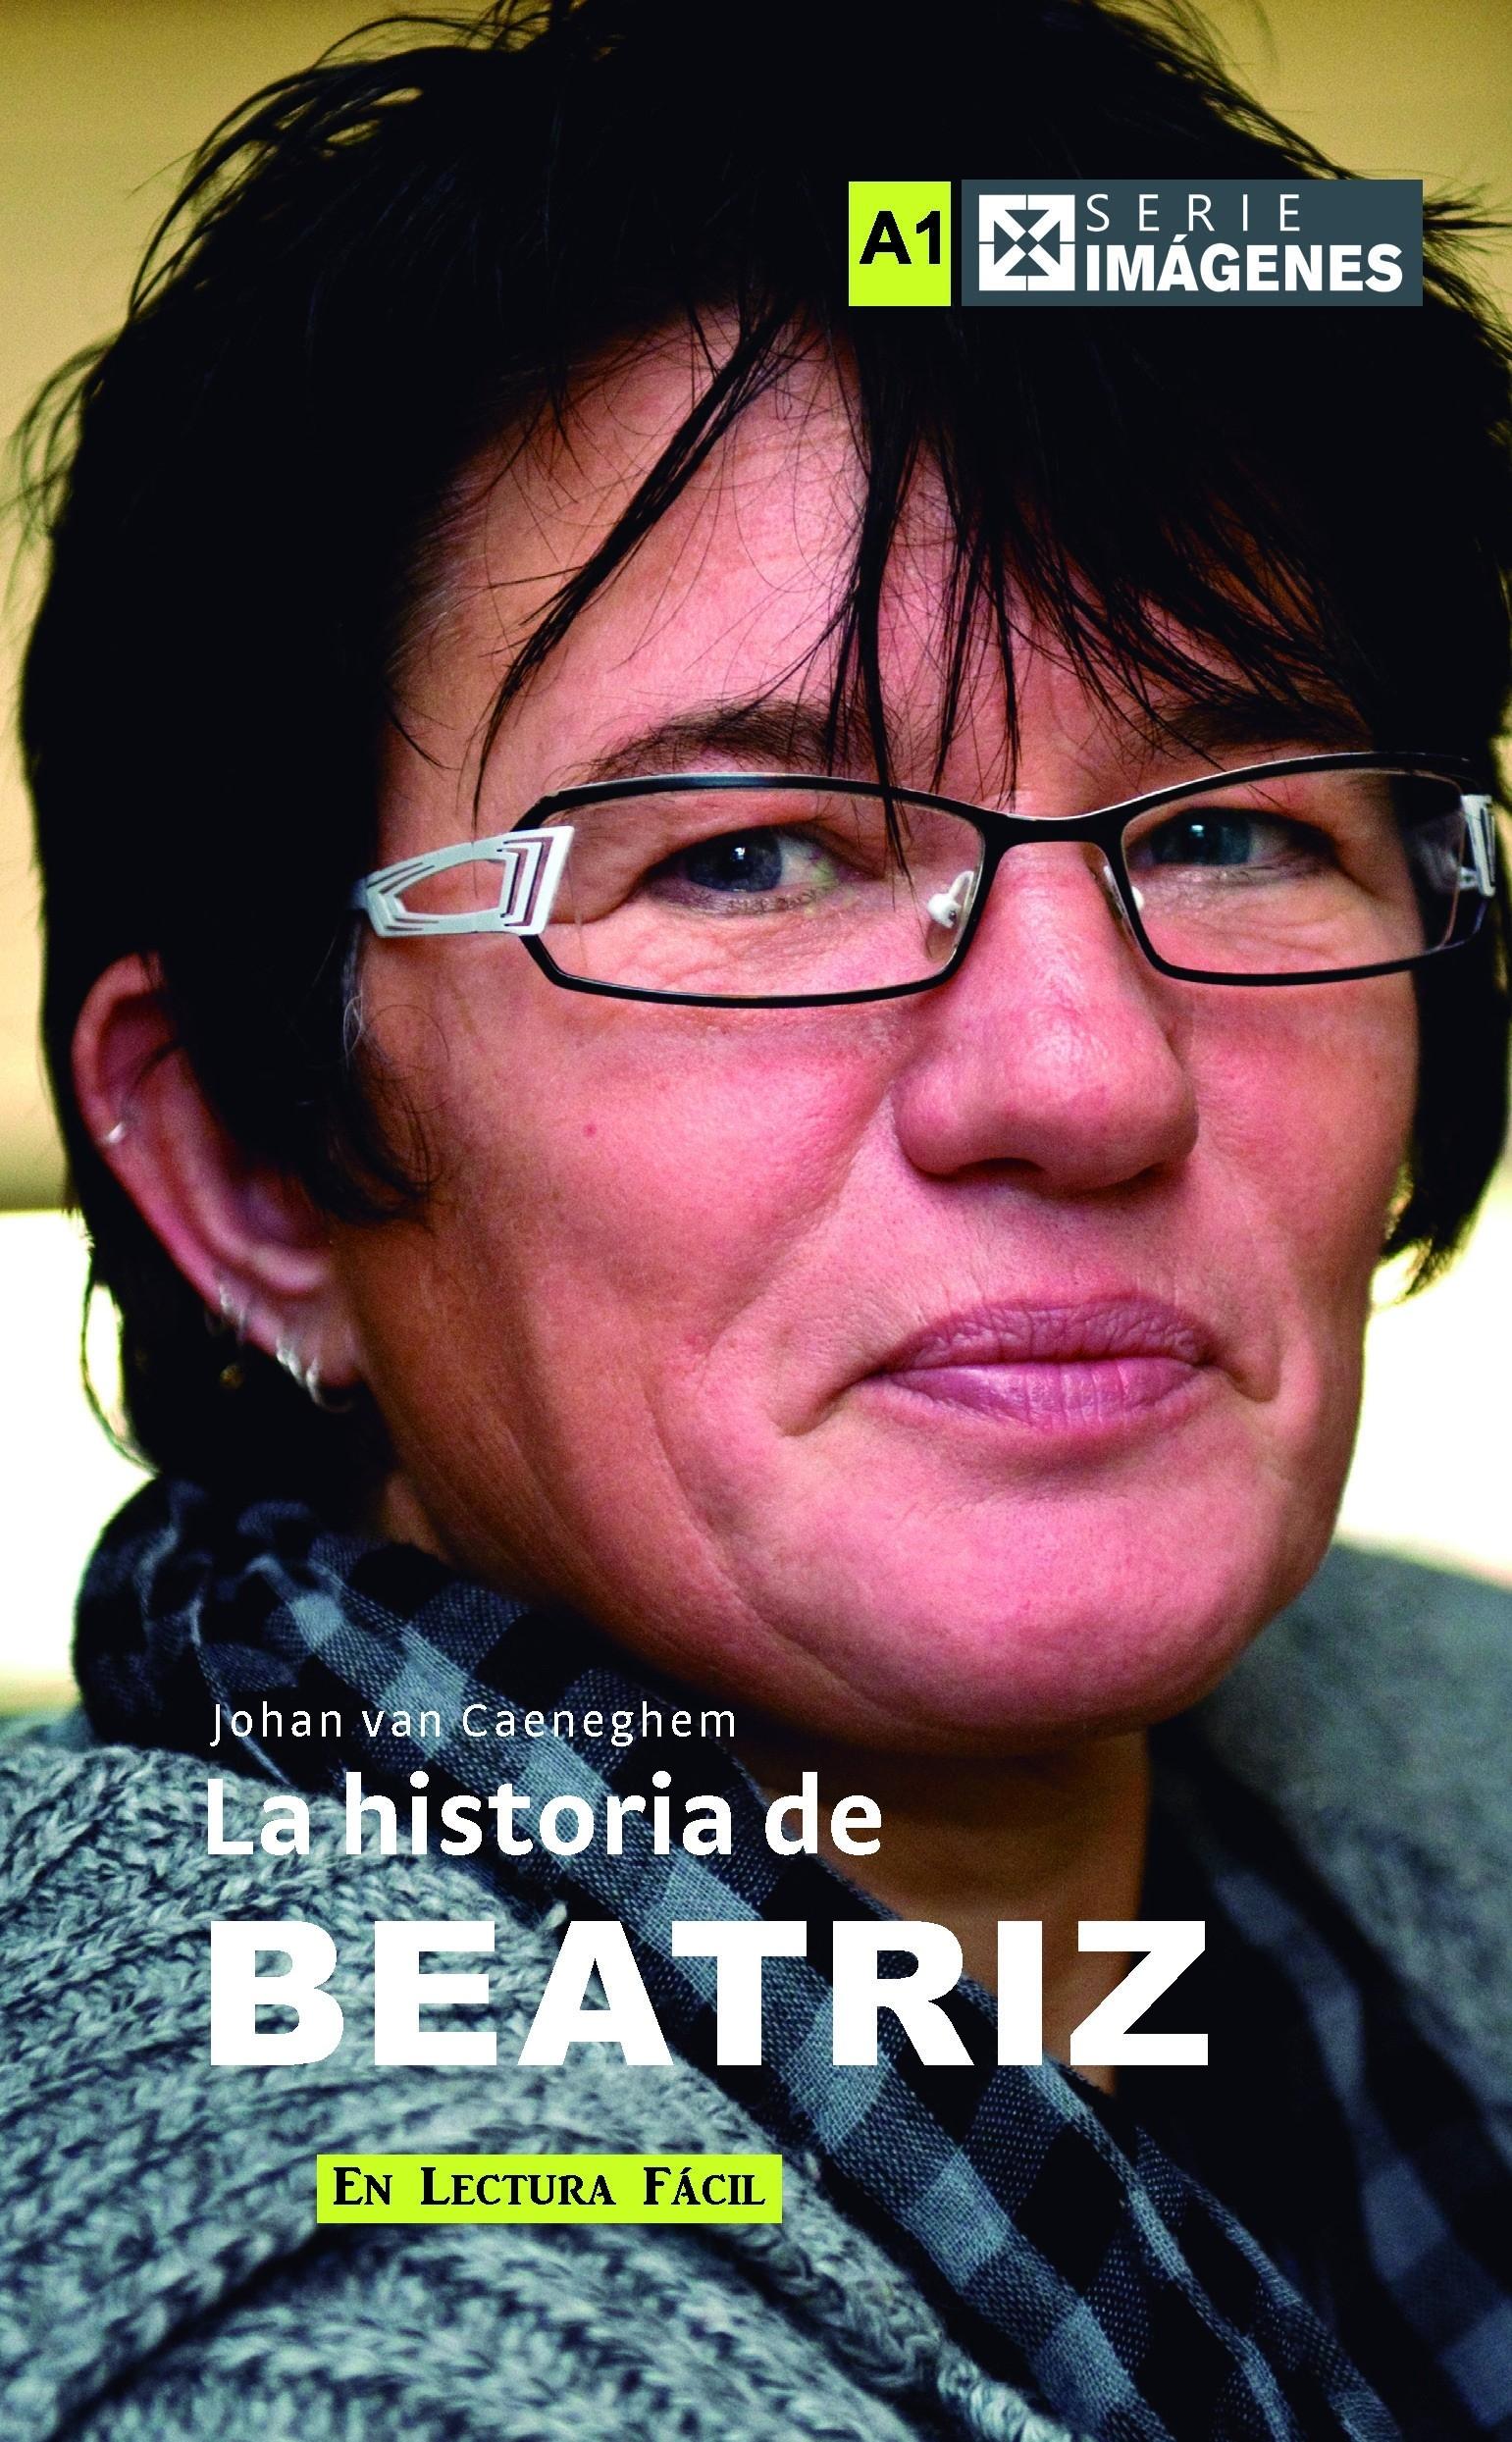 La historia de Beatriz